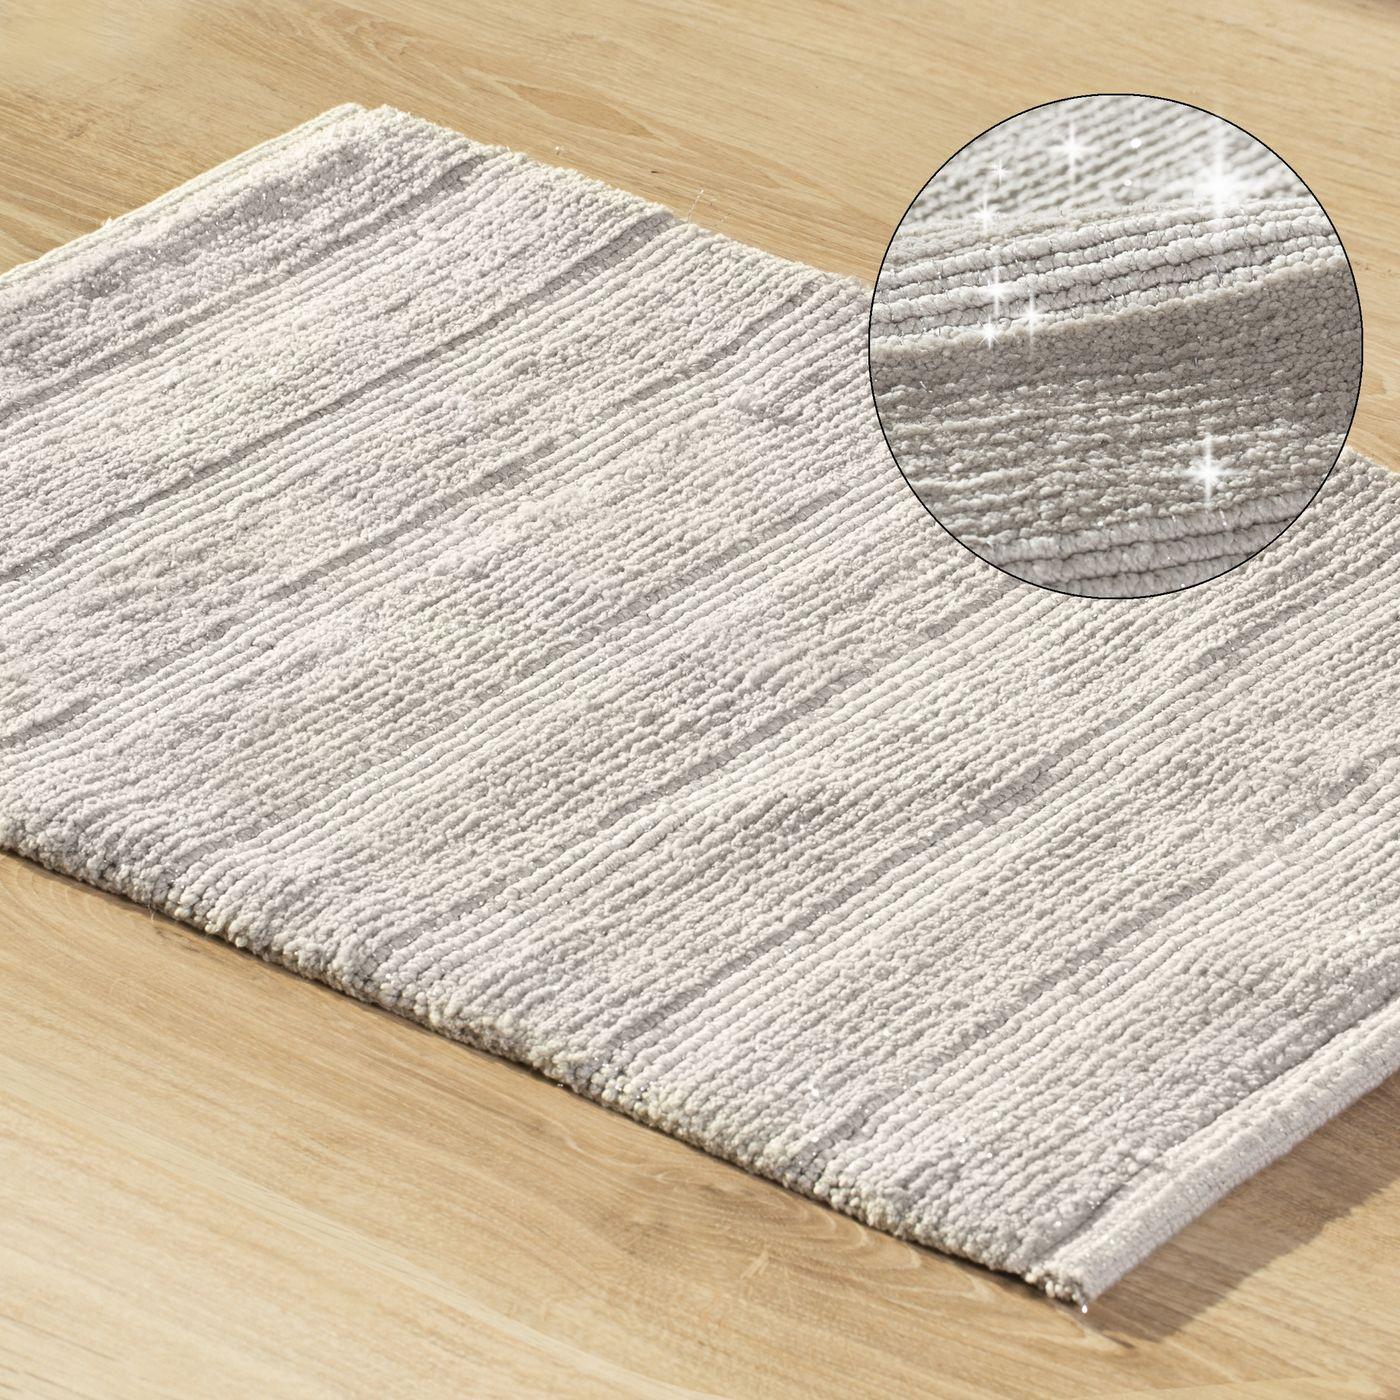 Łazienkowy dywanik w paski splot pętelkowy srebrny 60x90 cm